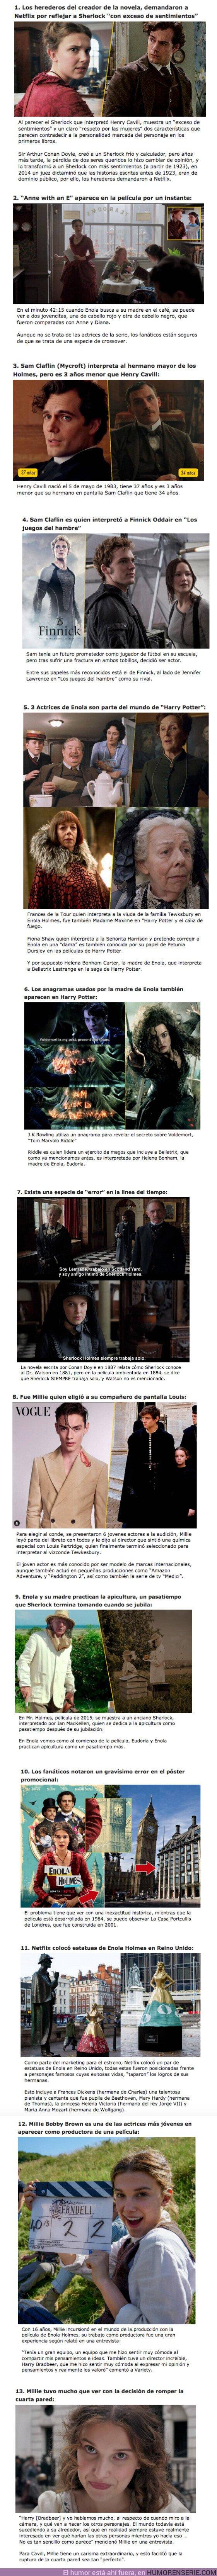 """59279 - GALERÍA: 13 Curiosidades que debes saber sobre la película de Netflix """"Enola Holmes"""""""